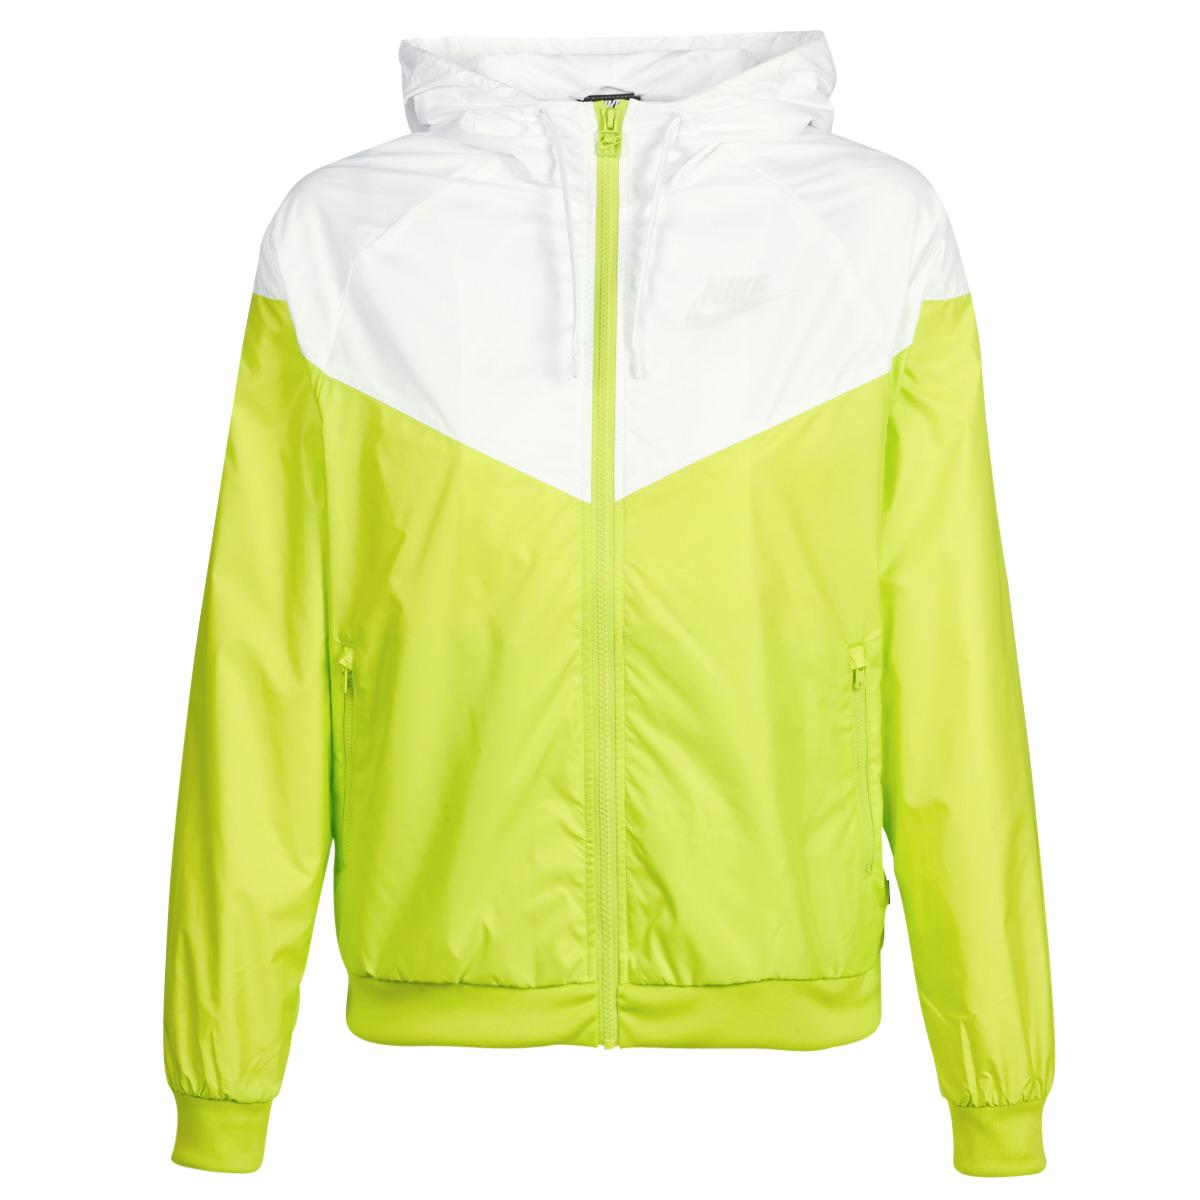 Che cosa Prego Sospettare  giacca a vento Nike NIKE SPORTSWEAR WINDRUNNER Verde Donna 12050435  Consegna Gratuita